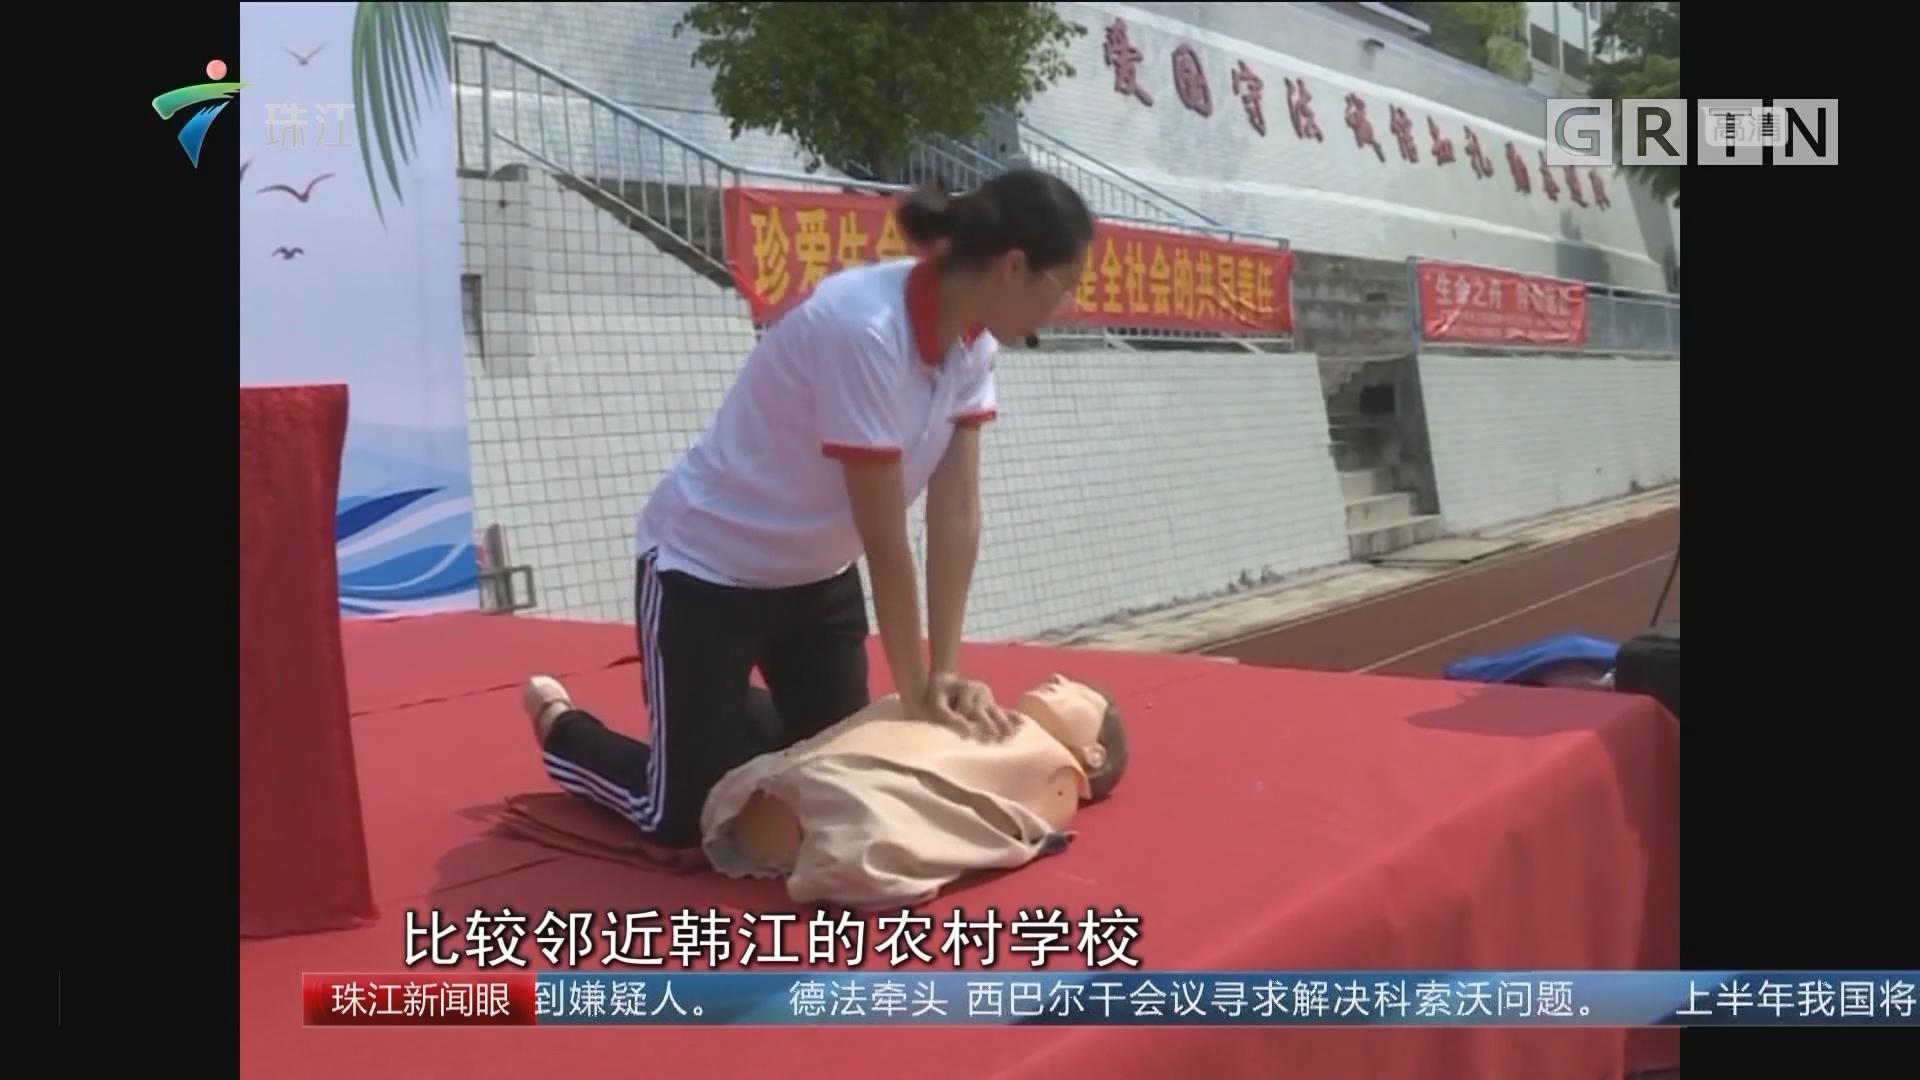 增强学生安全意识 防范溺水事故发生